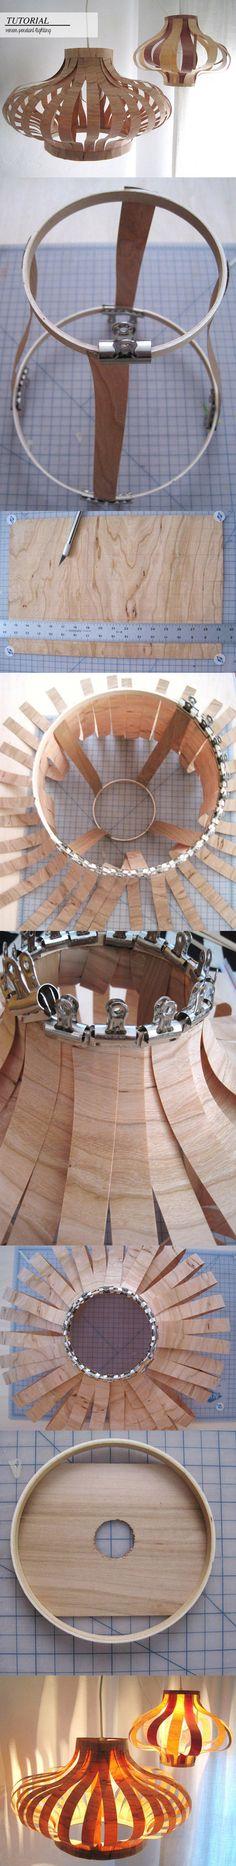 Lámpara DIY con chapa de madera - Muy Ingenioso